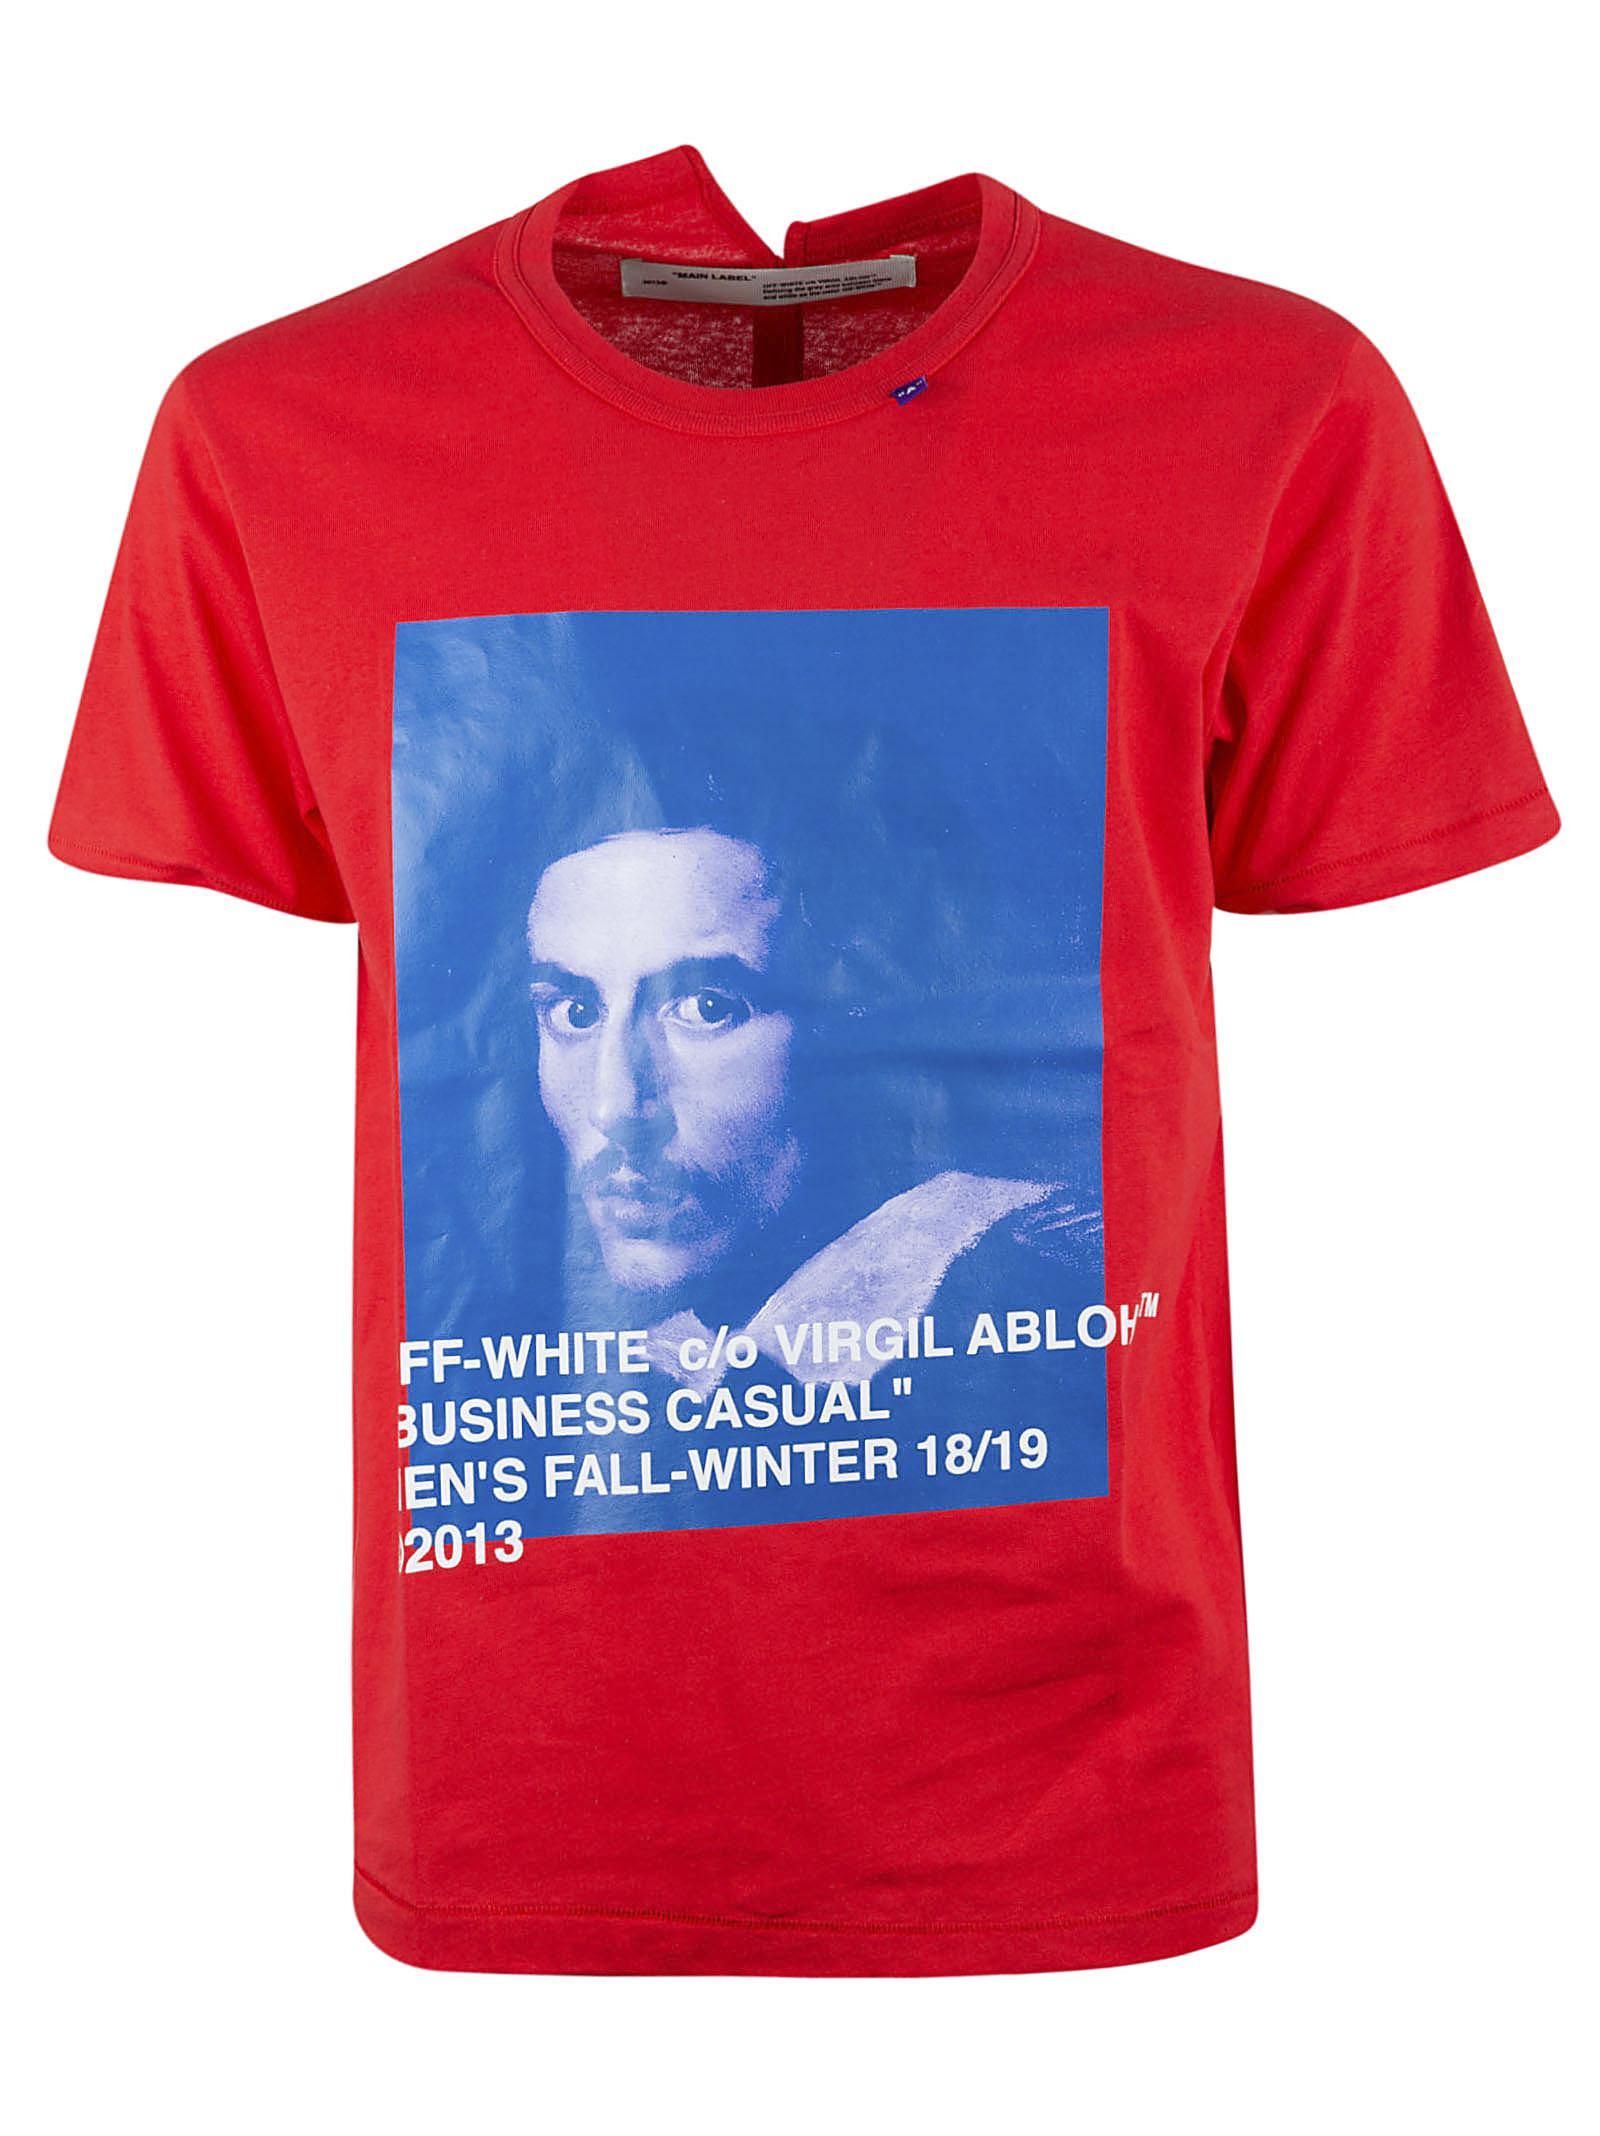 458e1cfa Off-White c/o Virgil Abloh T-shirt Bernini Red in Red for Men - Lyst